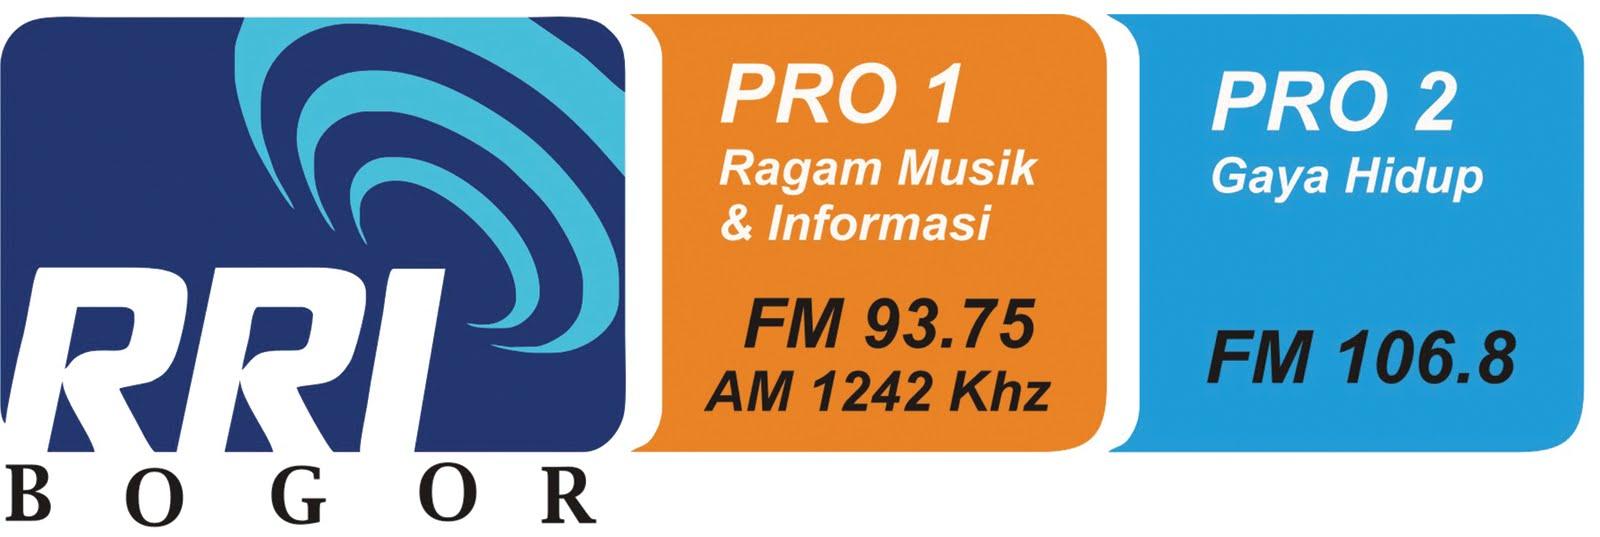 Promosi Radio